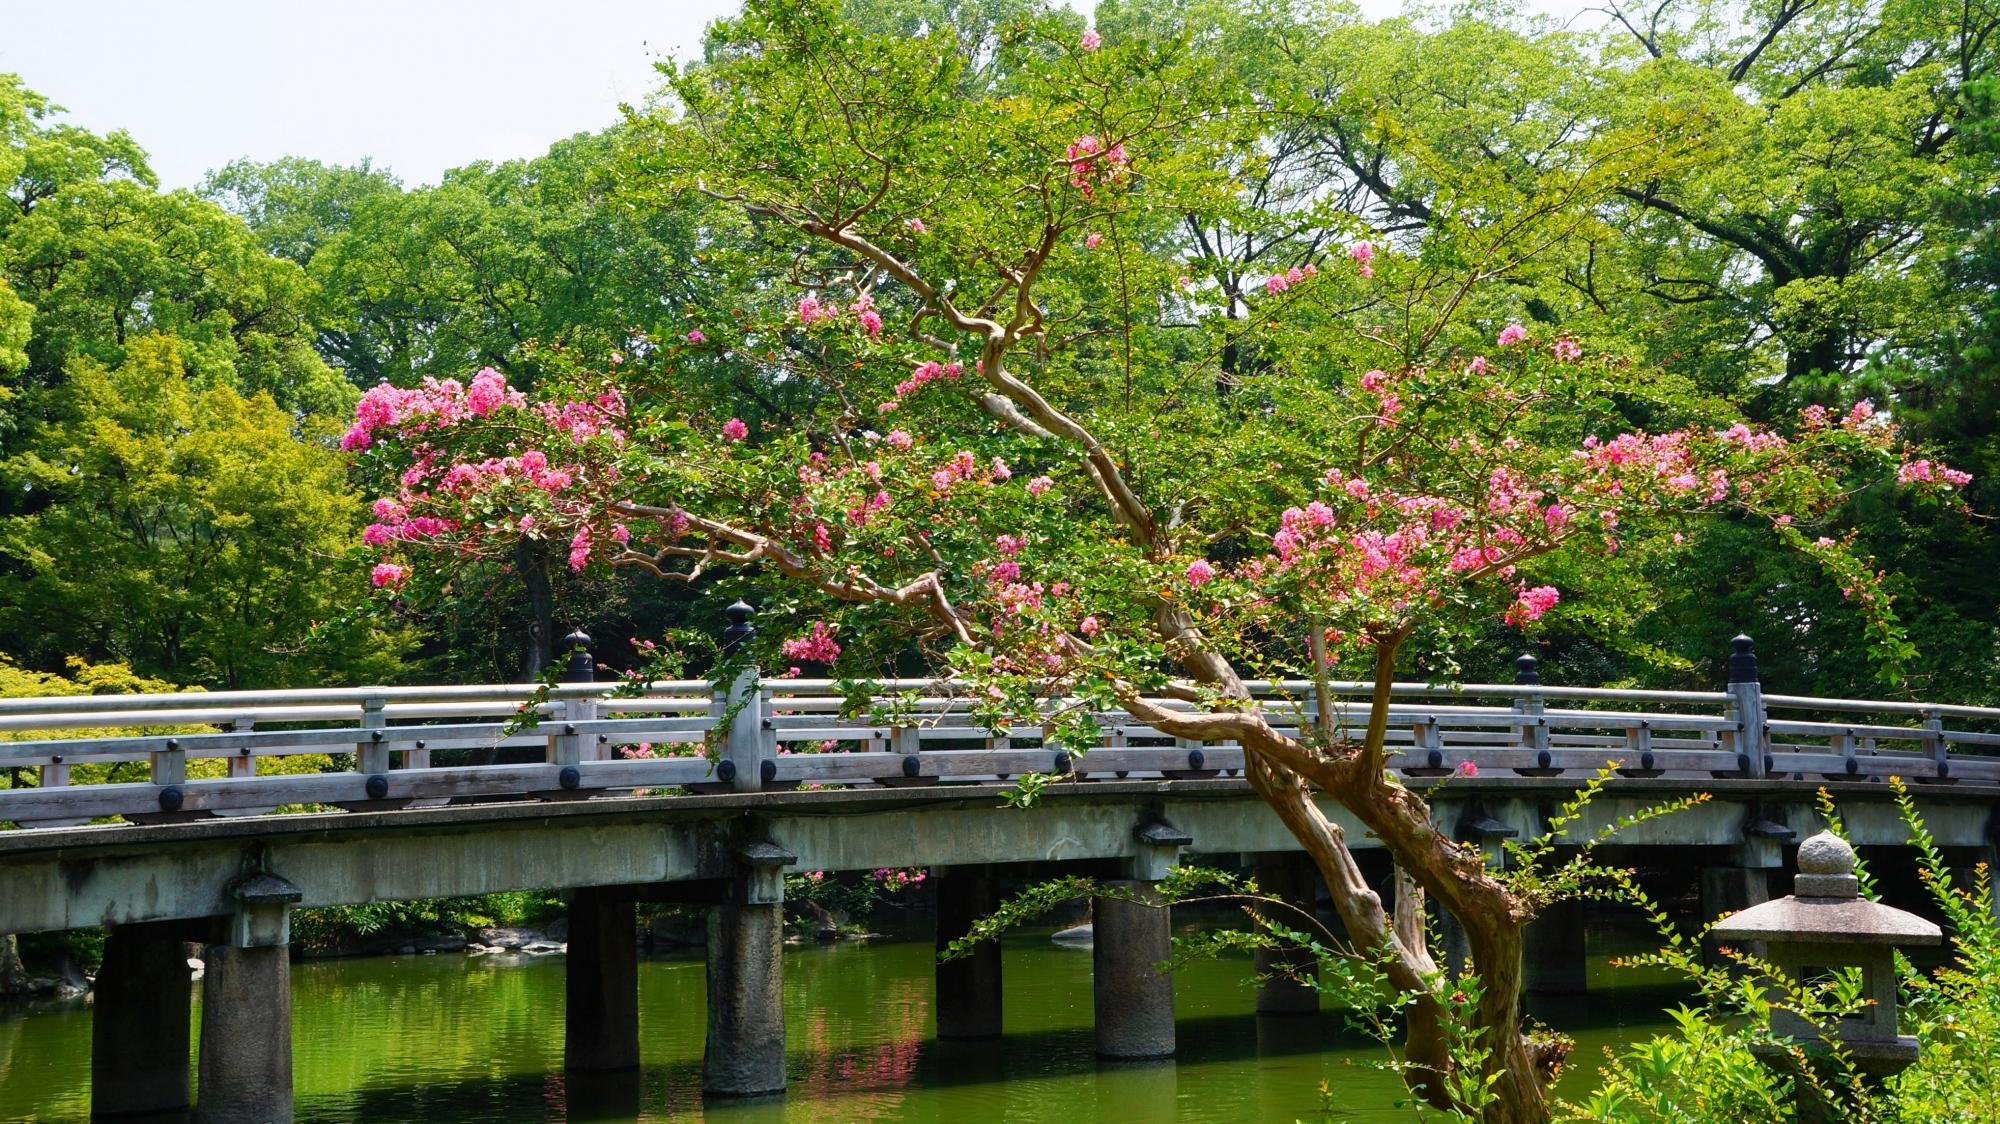 京都御苑の九條池に架かる石橋を染める趣きあるサルスベリ